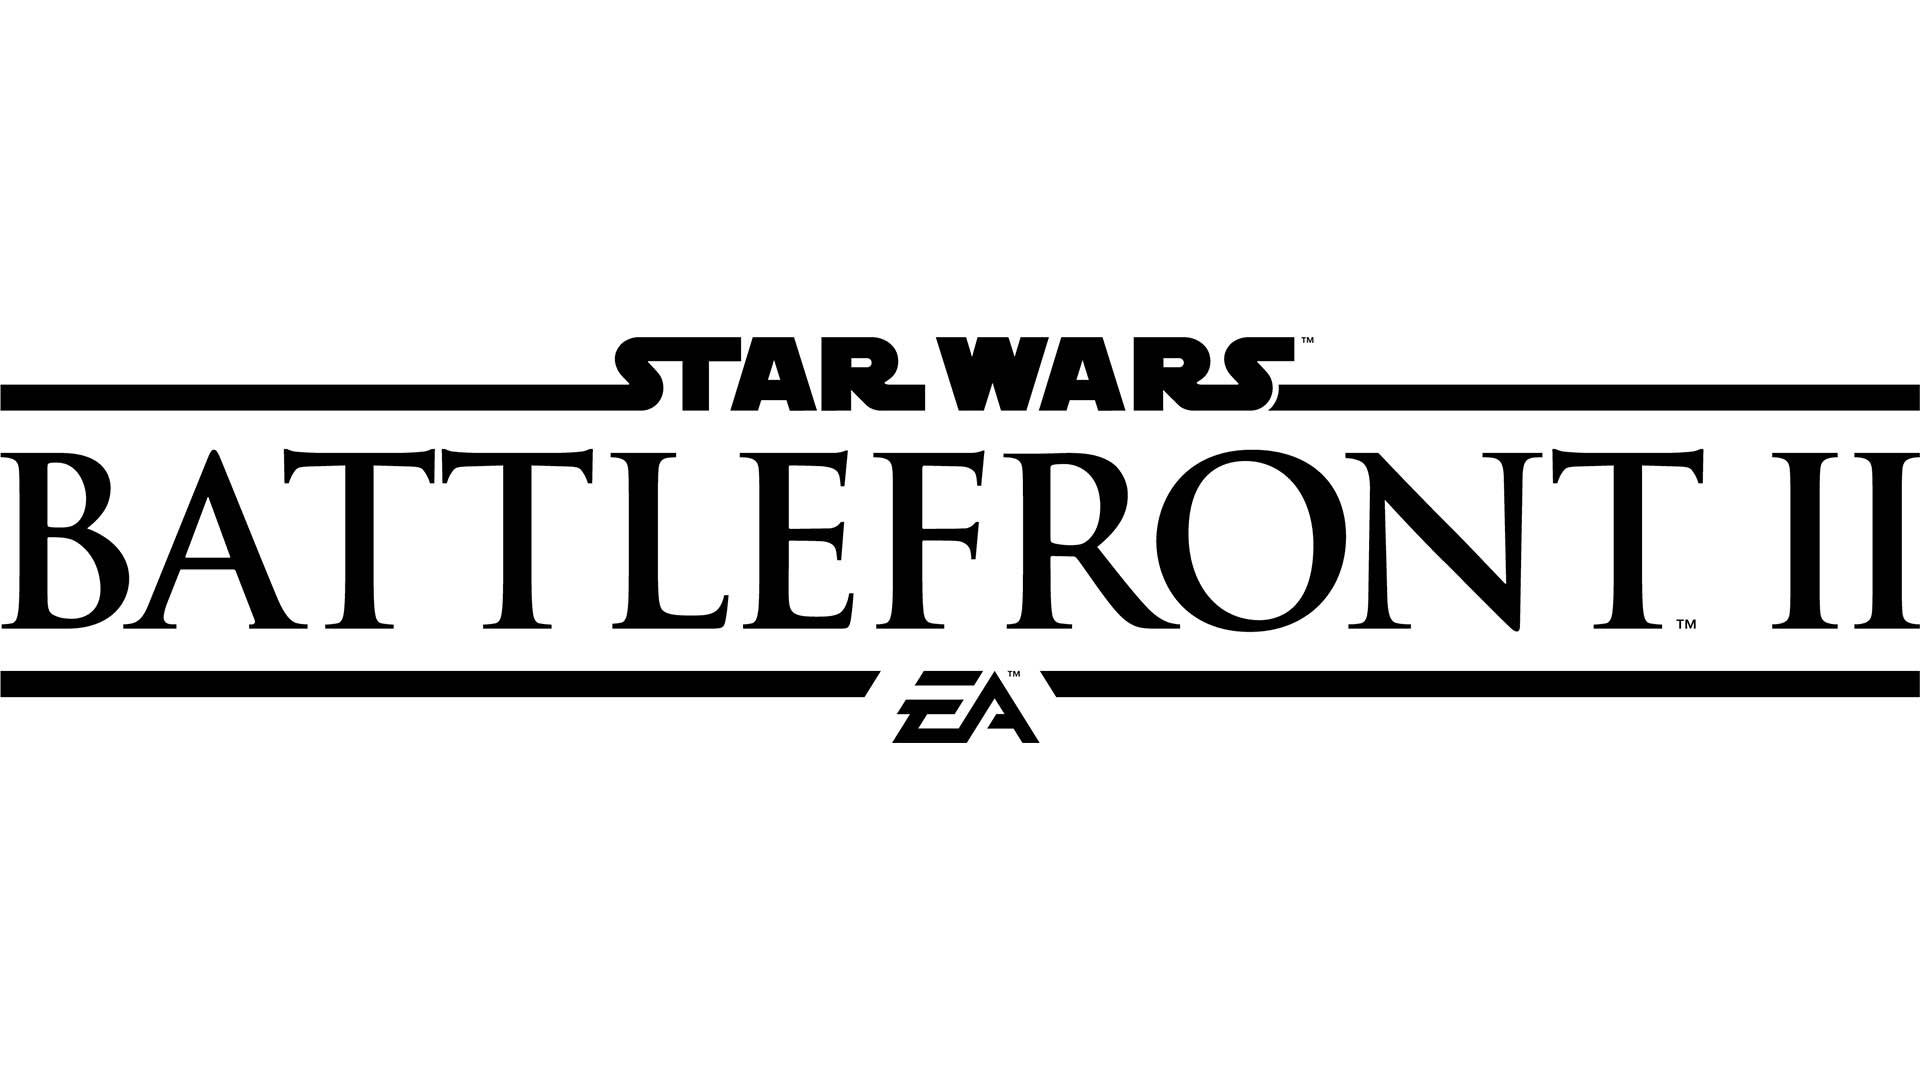 Star Wars Battlefront II vereint Synchronsprecher aller Star Wars-Epochen